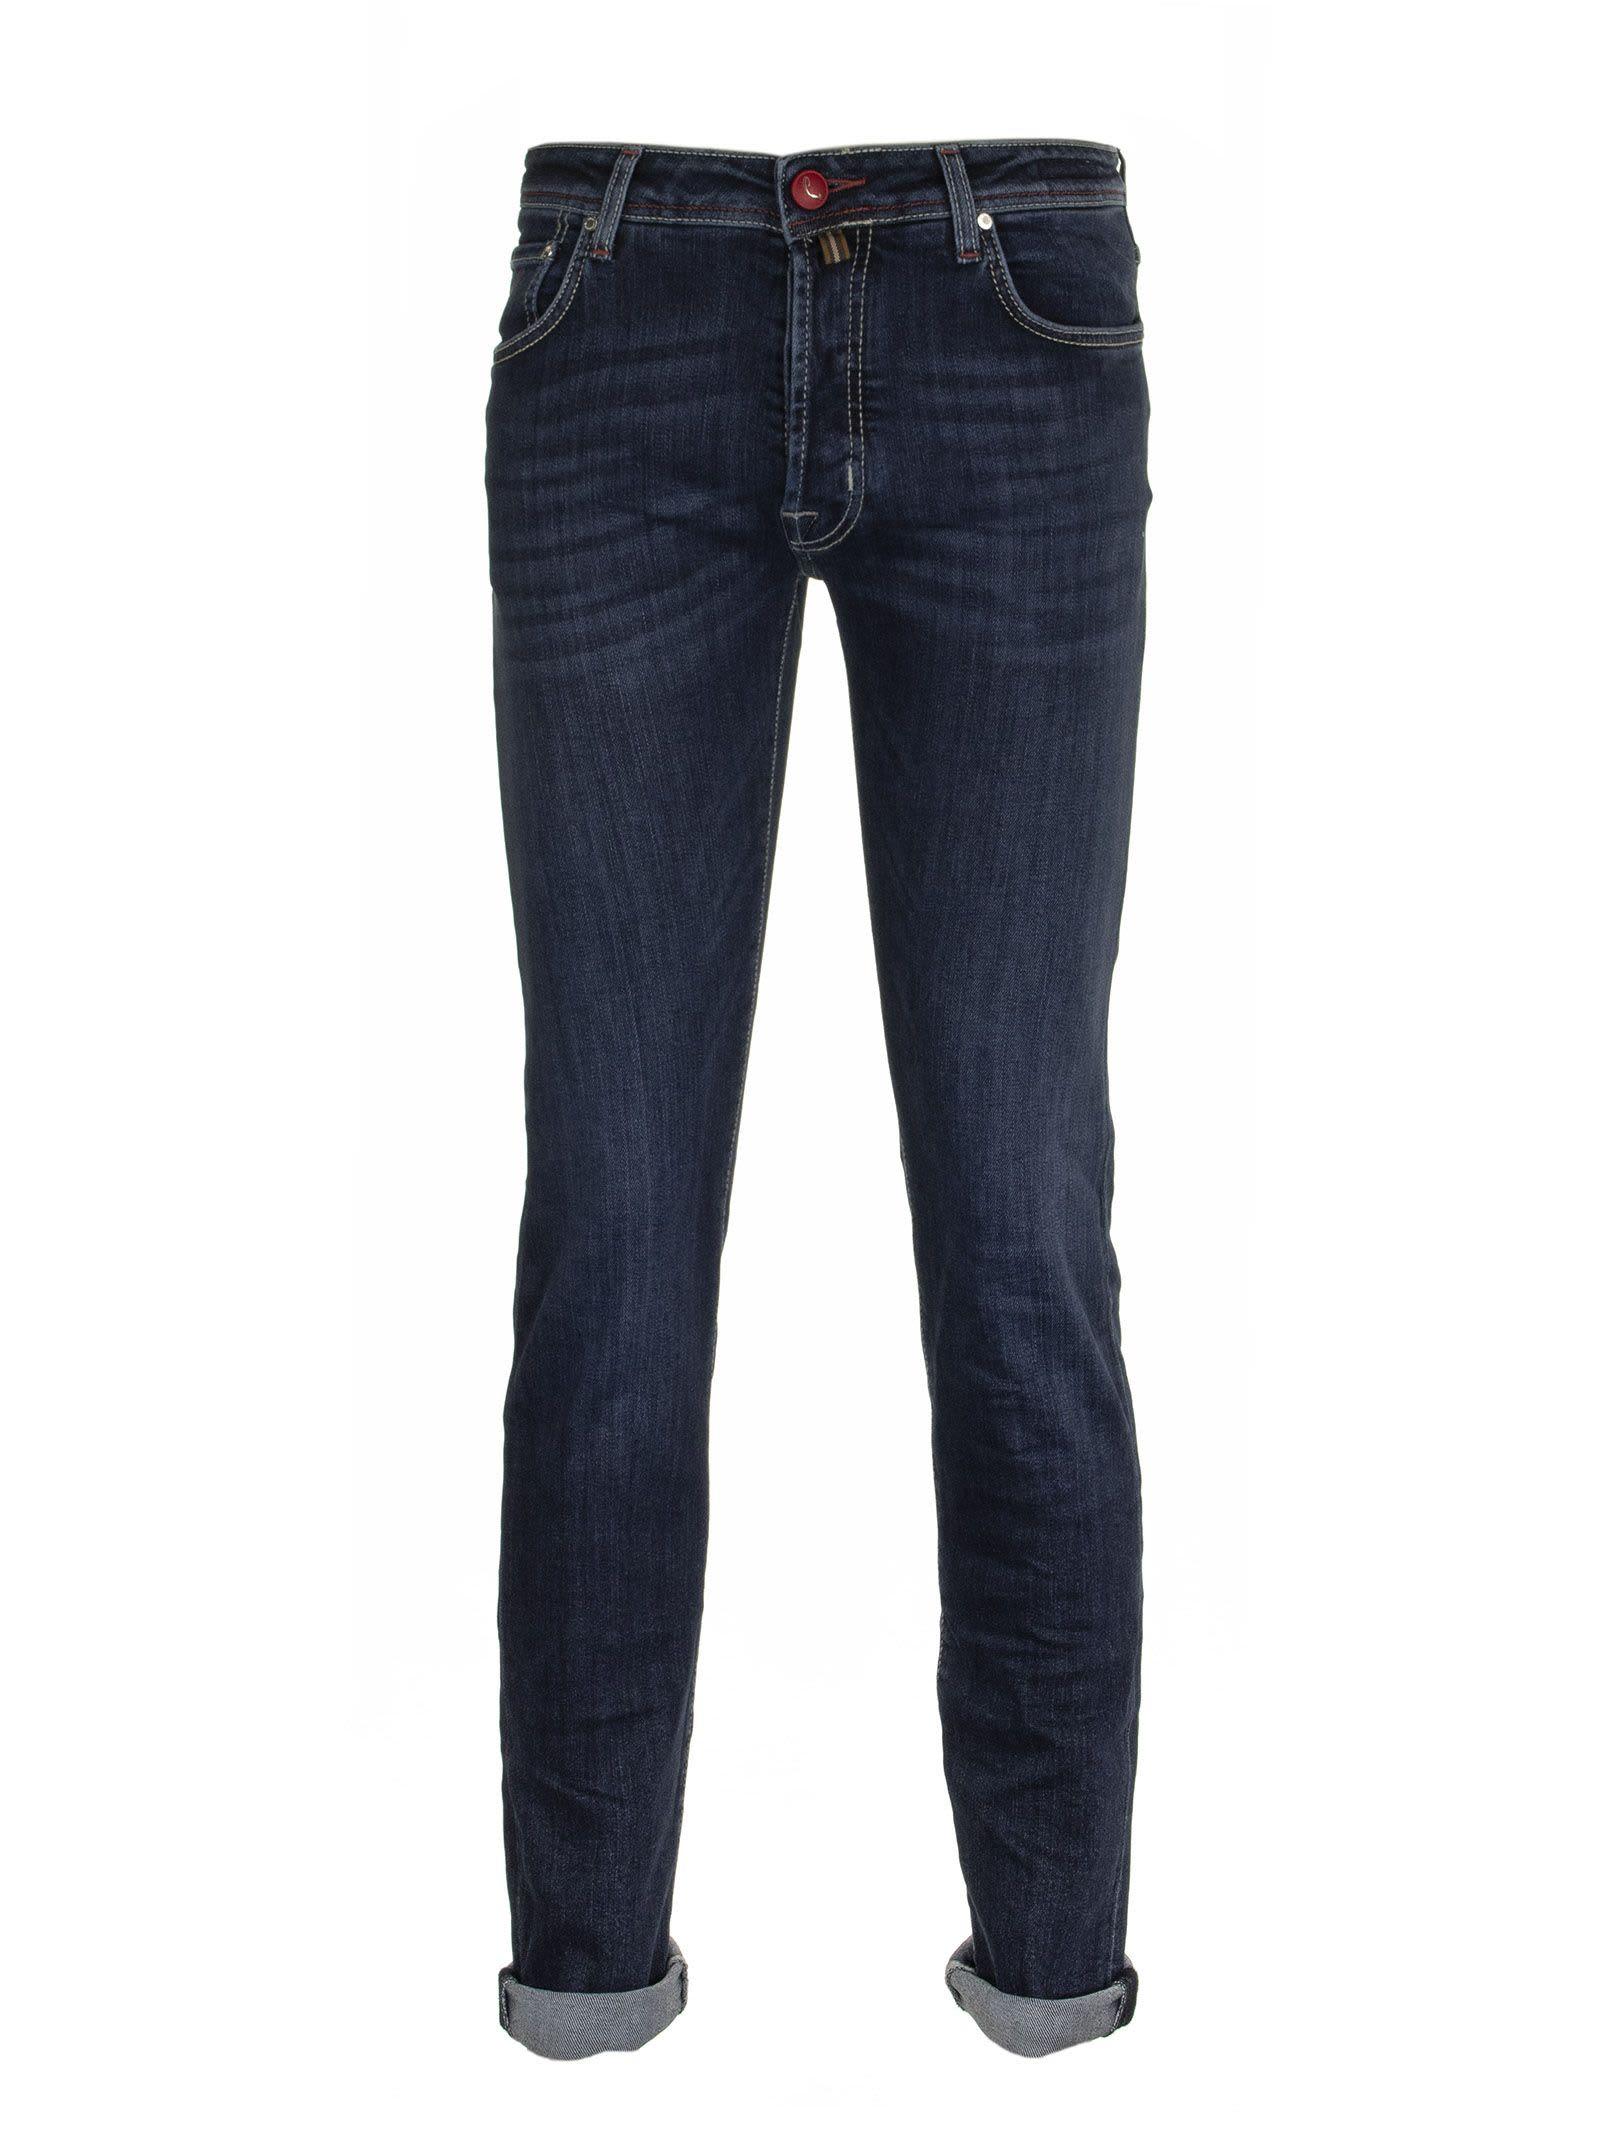 Jacob Cohen Jeans Blue Denim